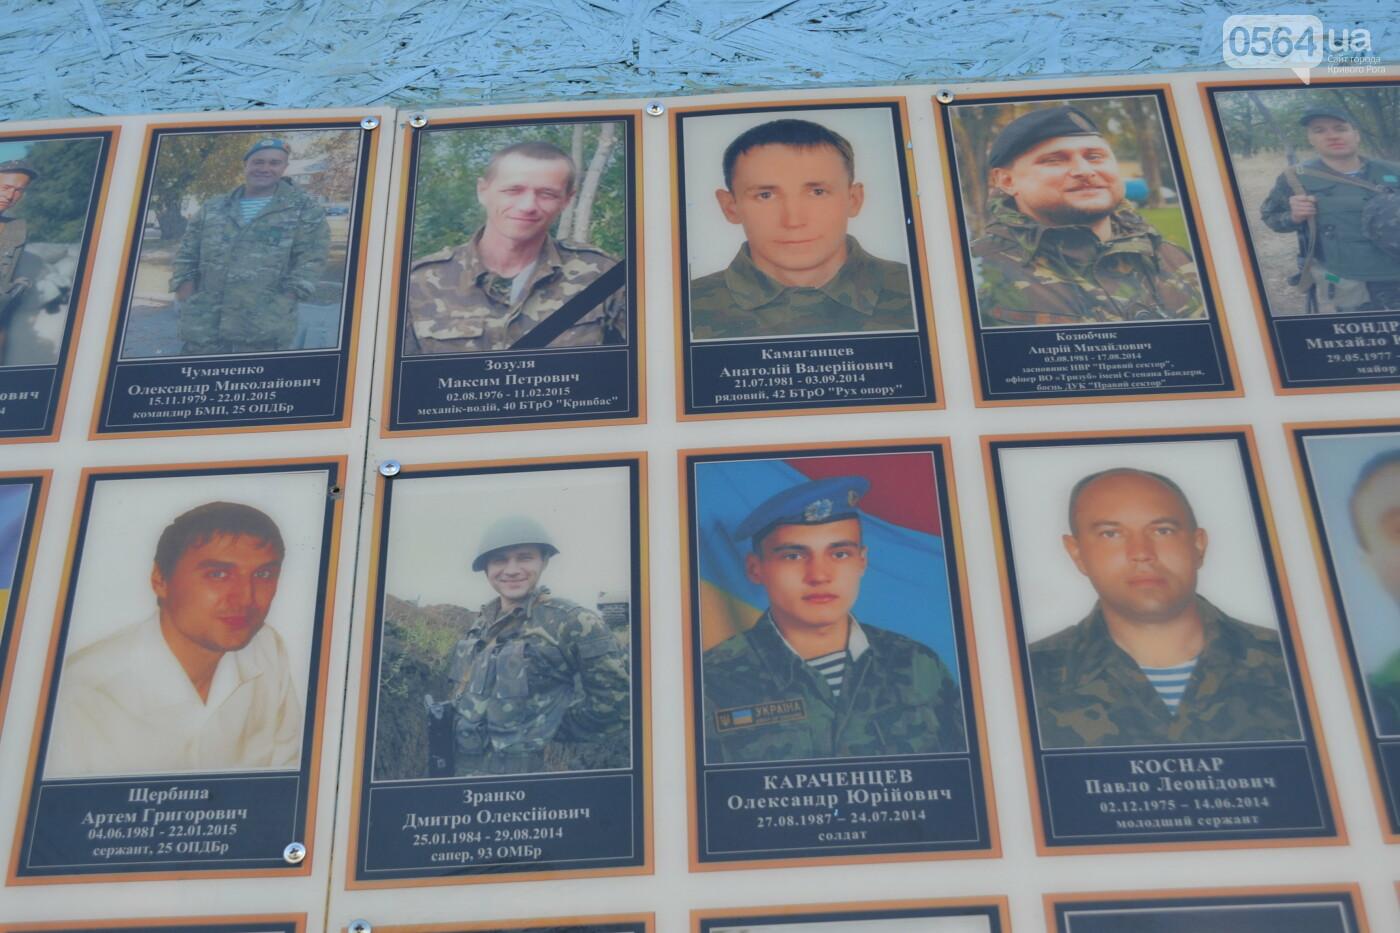 Поздравить живых, поклониться погибшим, - сегодня День защитника Украины, - ФОТО, фото-9